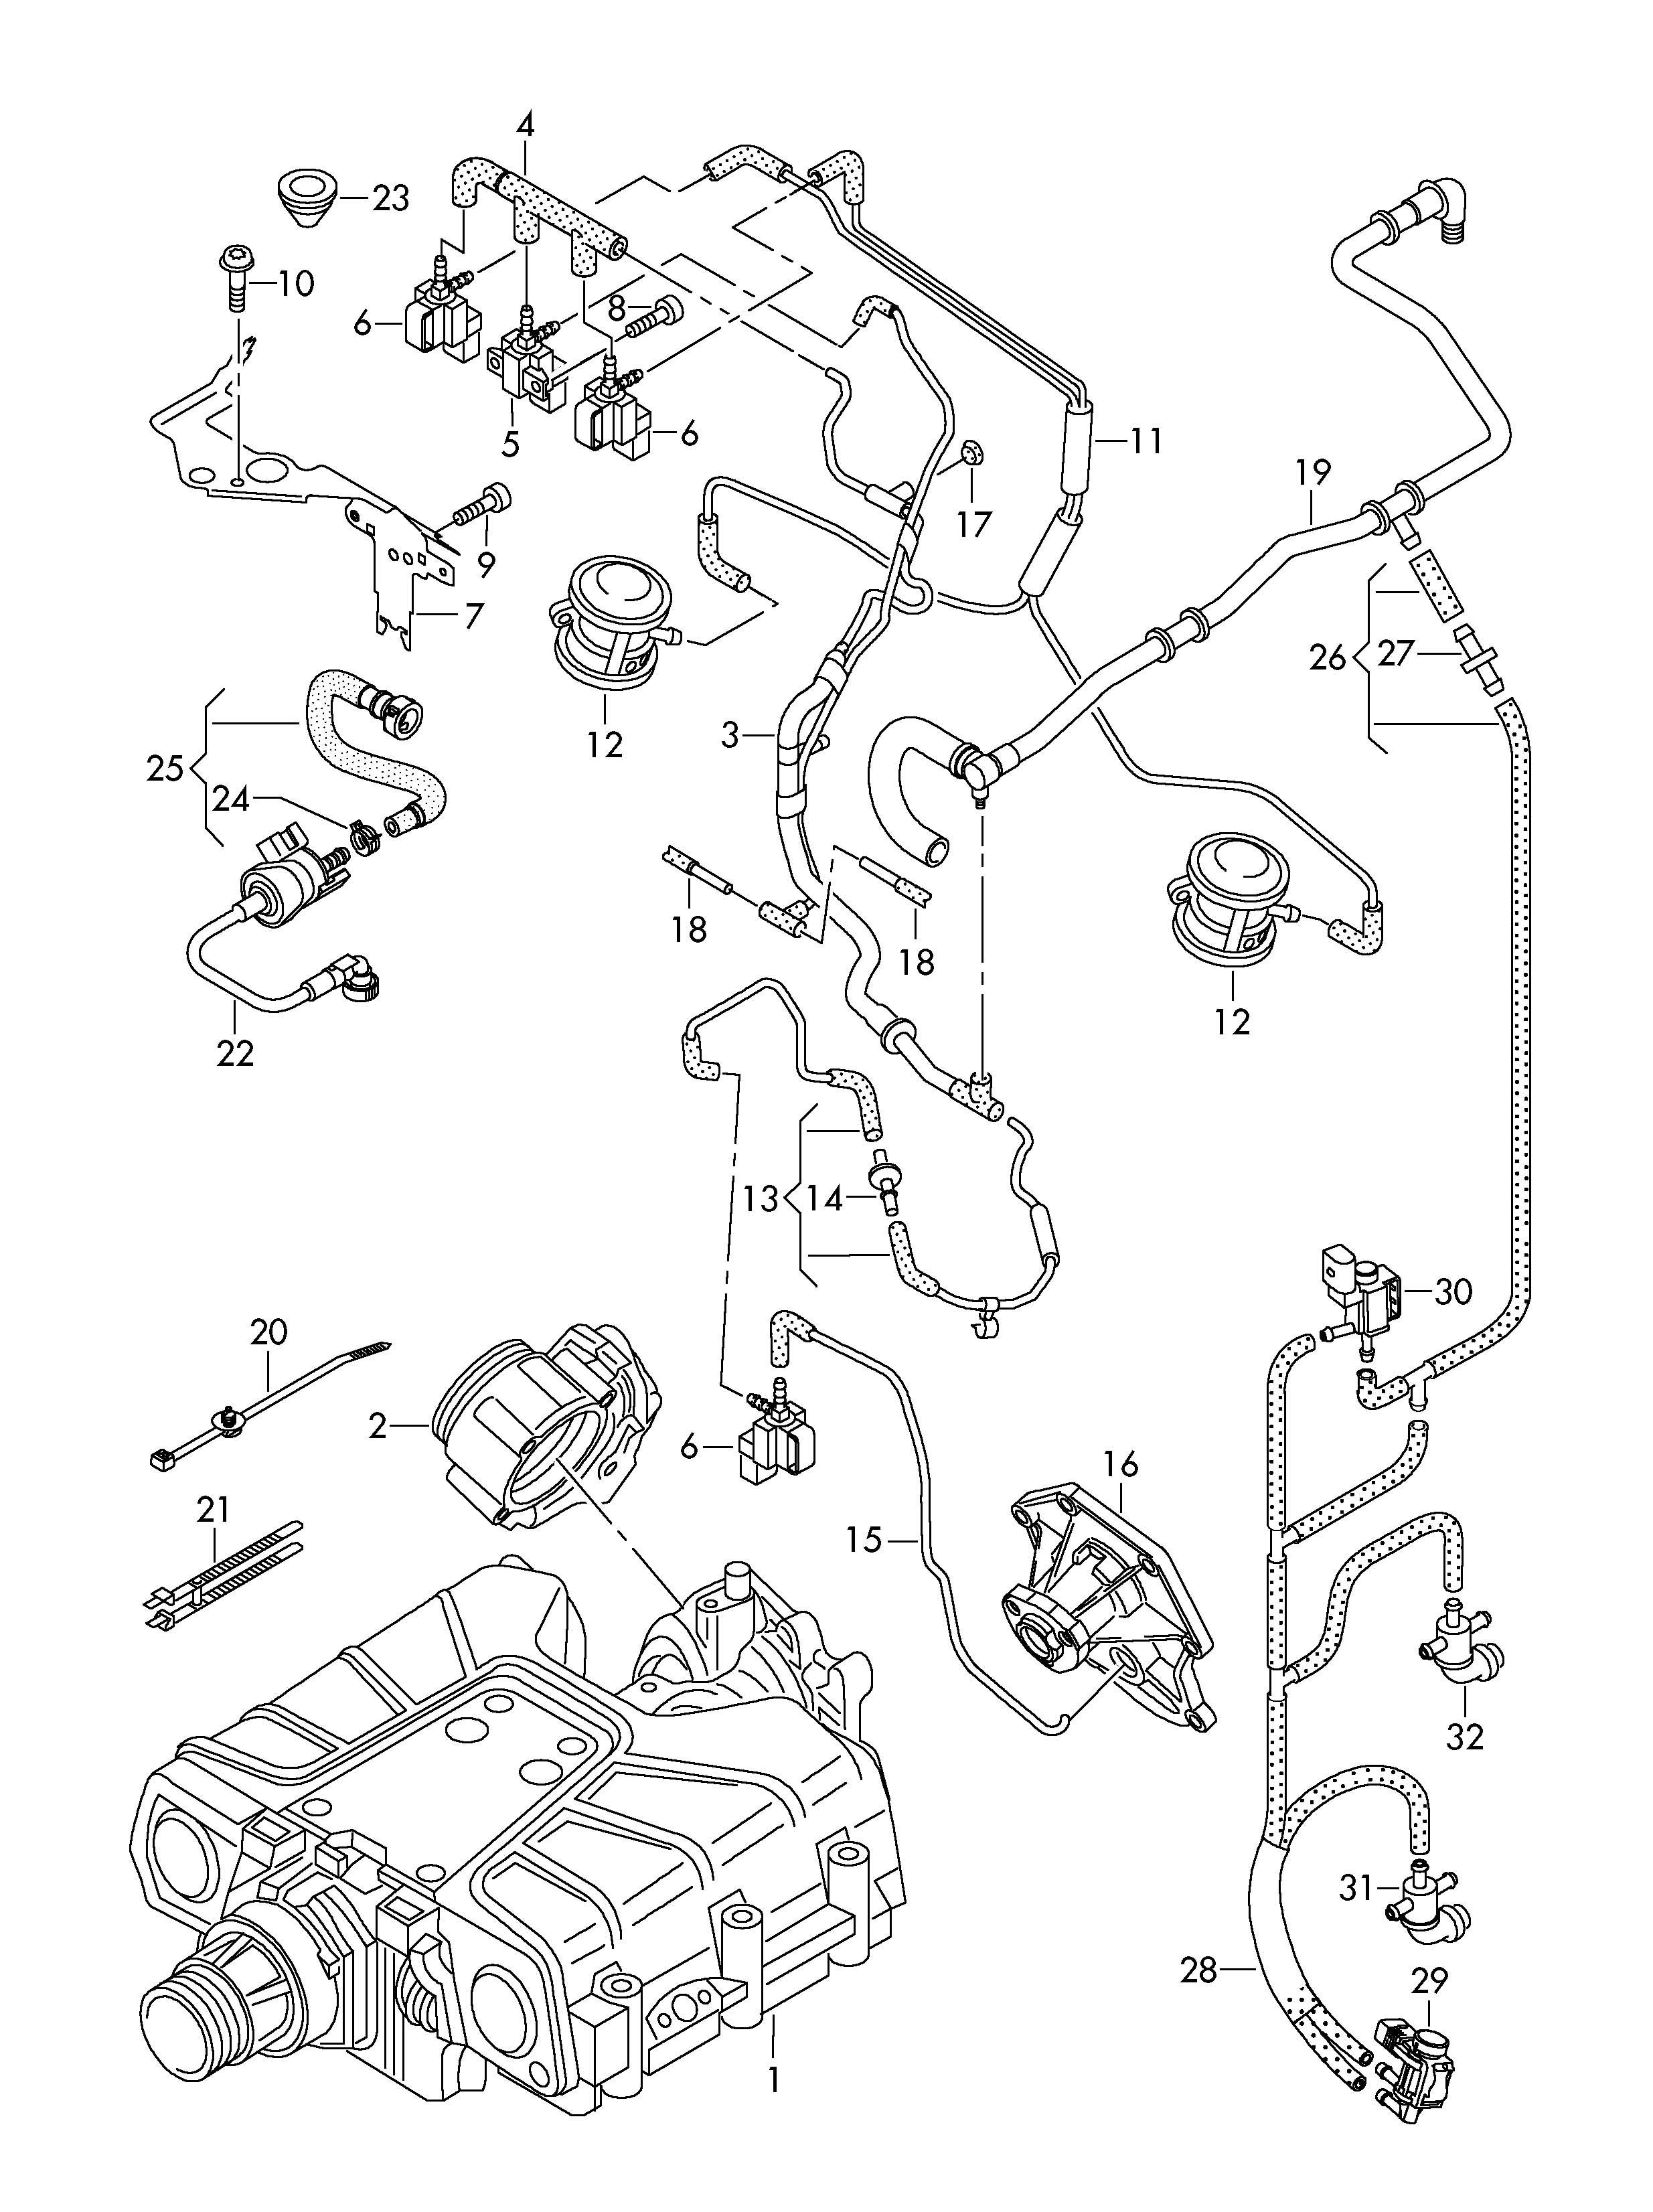 2010 volkswagen routan engine diagram